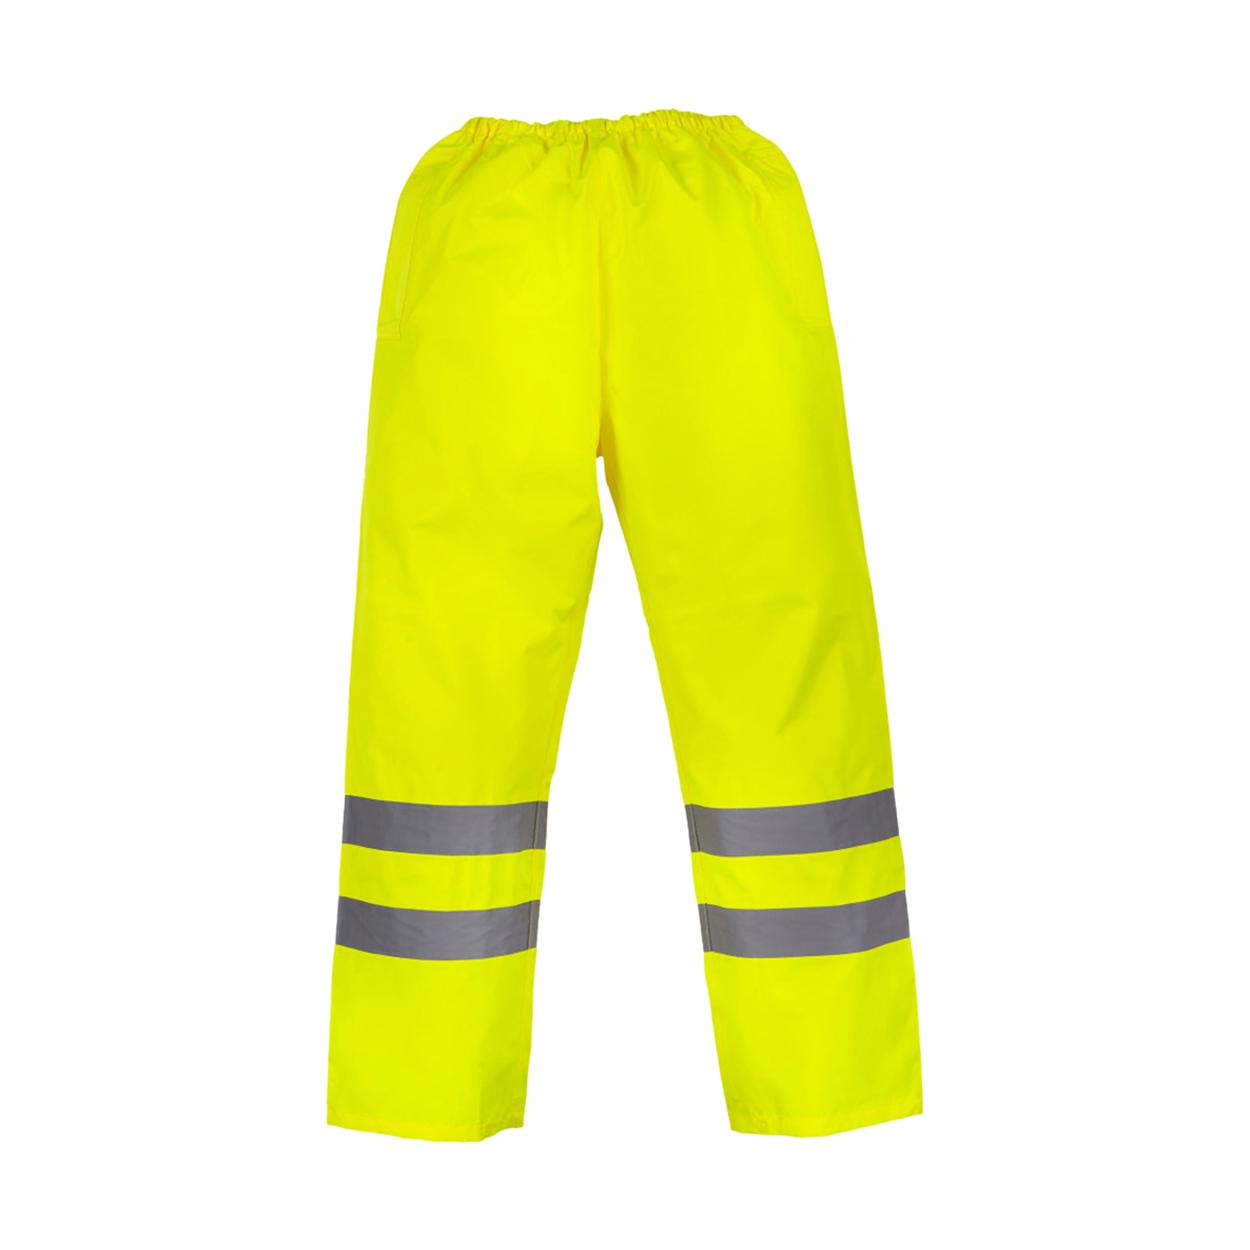 Yoko motorcycle gloves - Yoko Mens Hi Vis Waterproof Contractor Trousers